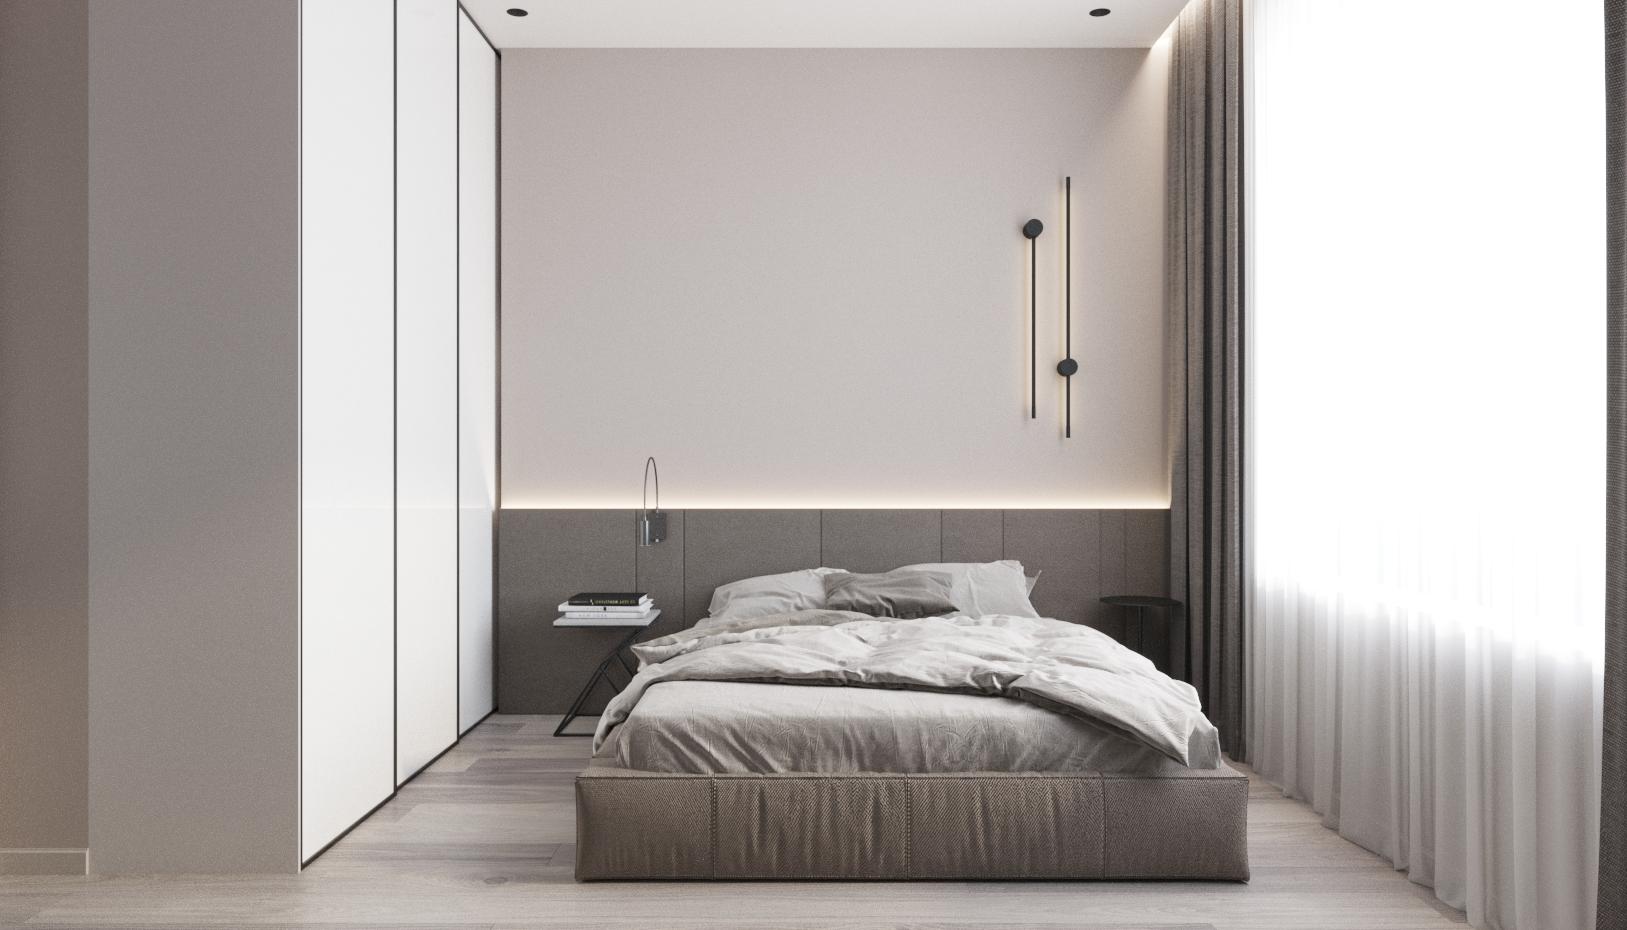 Спальня в стиле минимализм, где нет ничего лишнего, только самое необходимое - логичное решение для квартиры под аренду